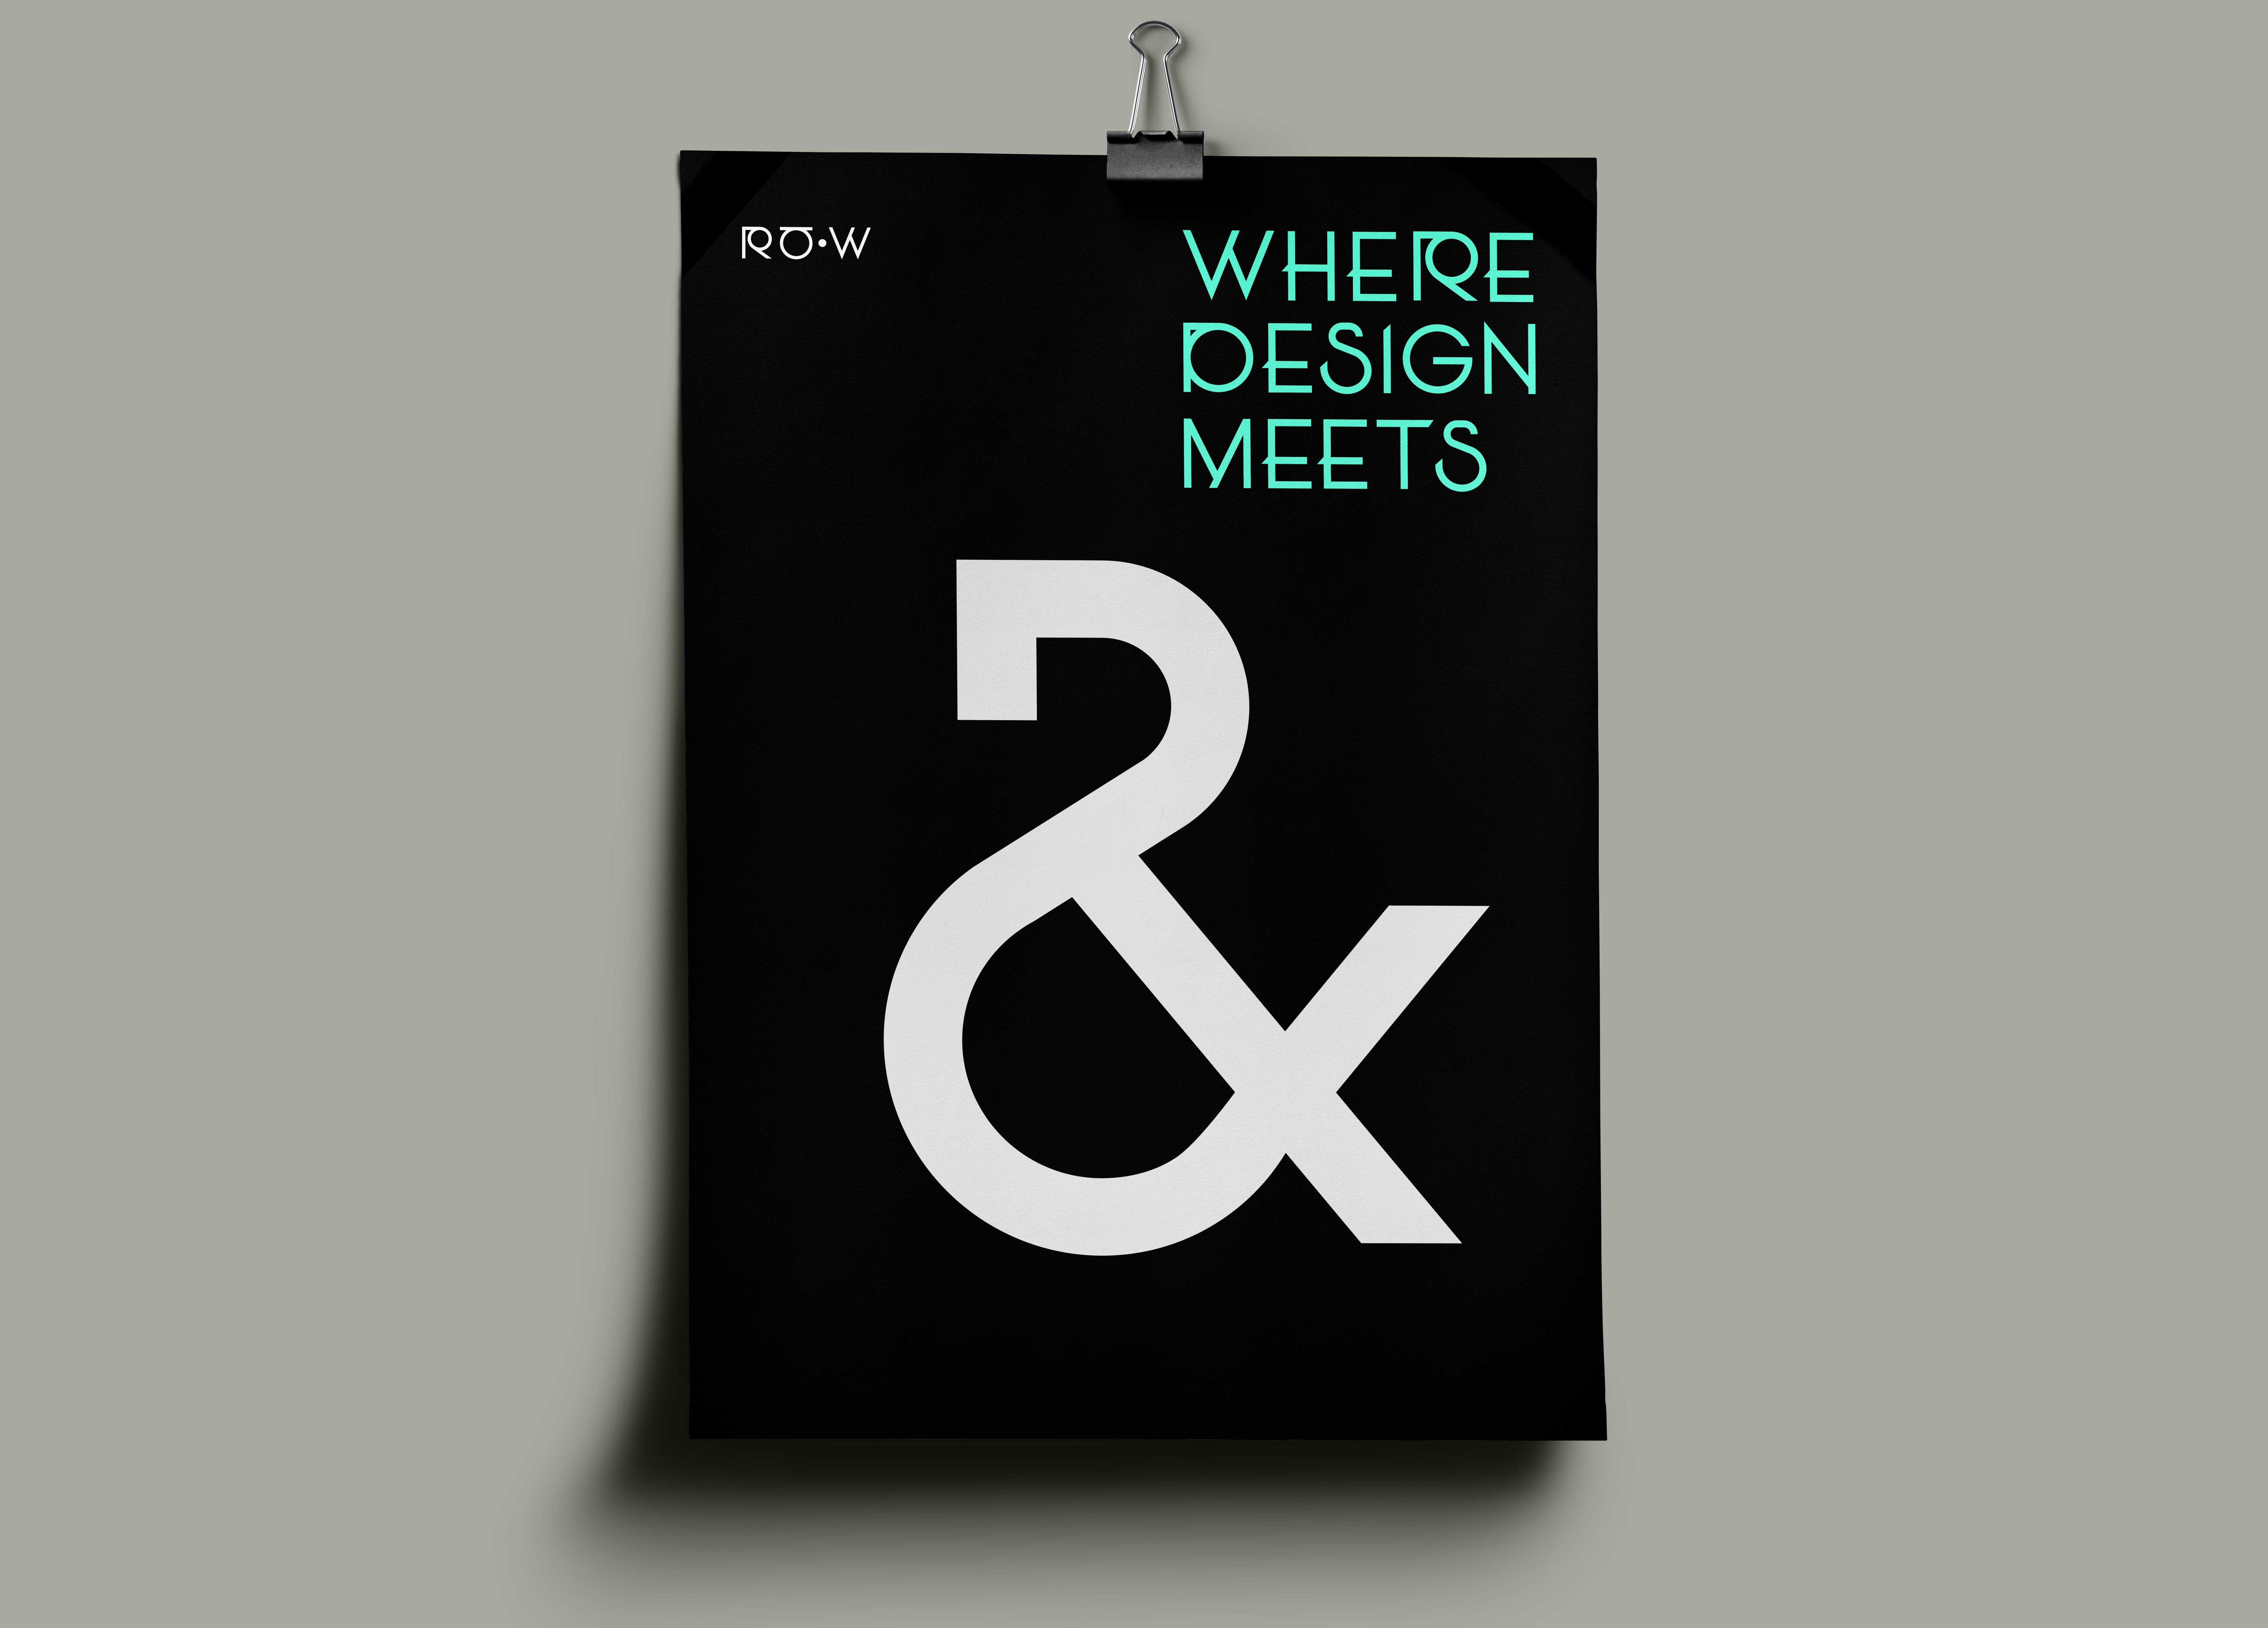 RåW Typeface dekorativt på poster med tagline - where design meets